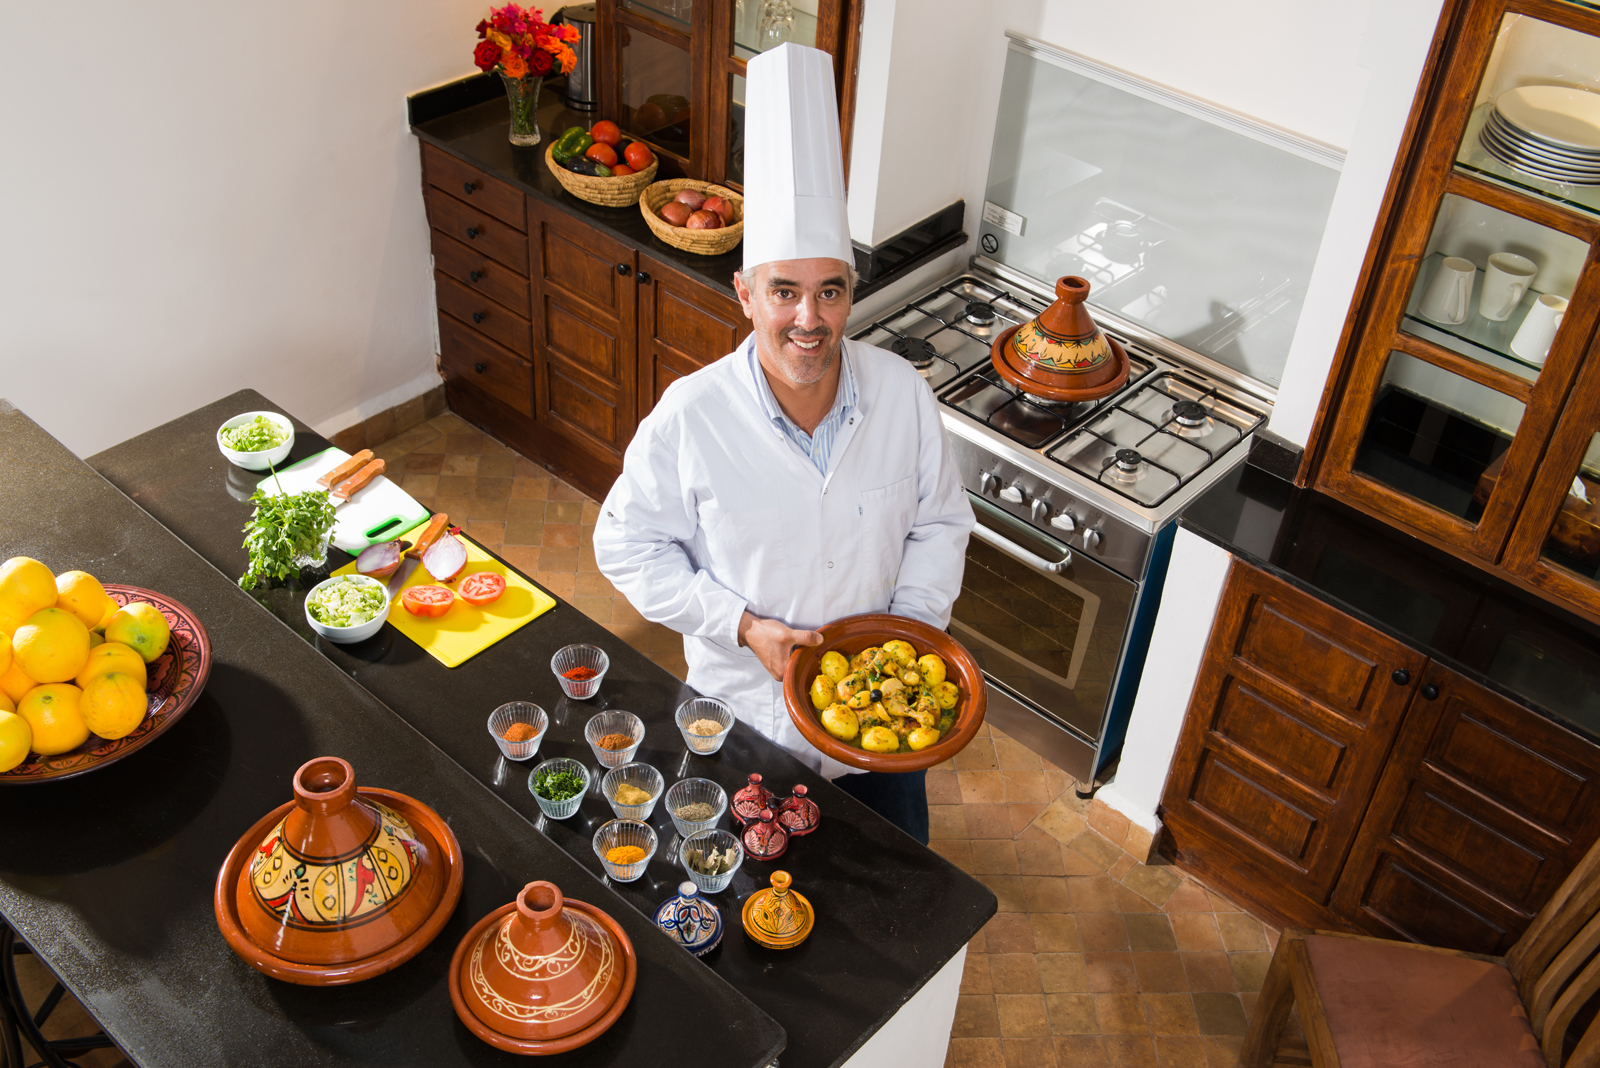 D ners et cours de cuisine rebali riads - Cours de cuisine mulhouse et environs ...